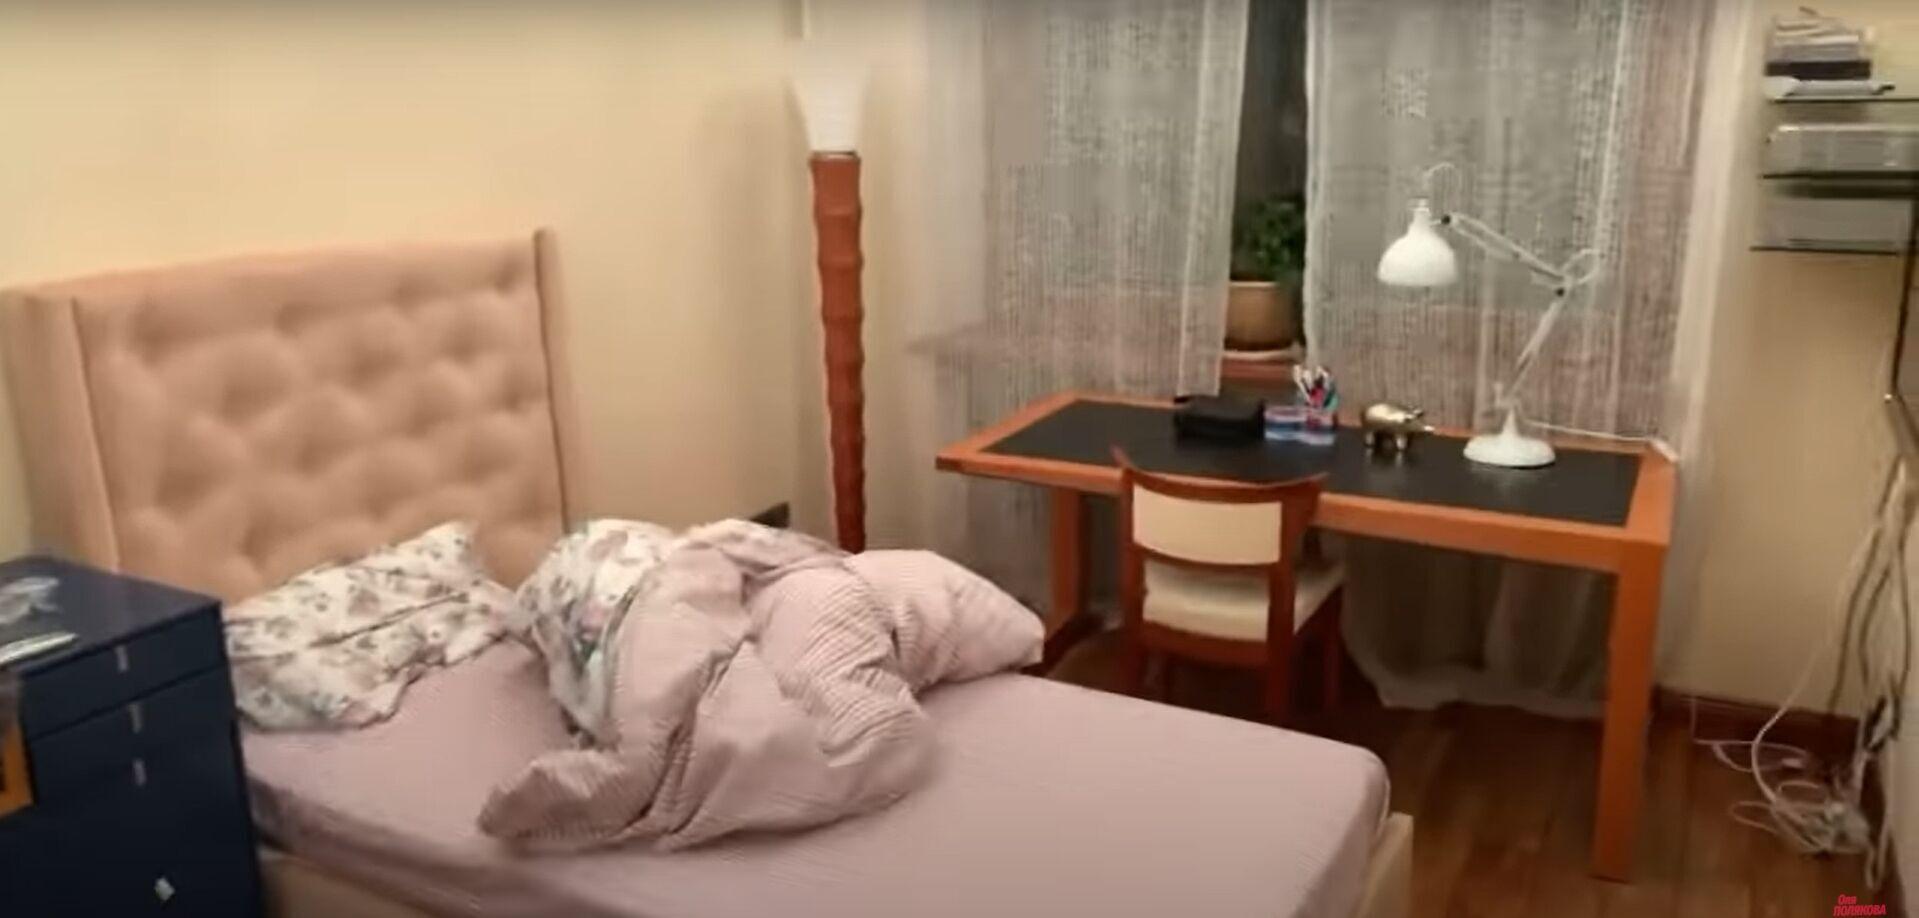 Комната старшей дочери звезды - Маши Поляковой